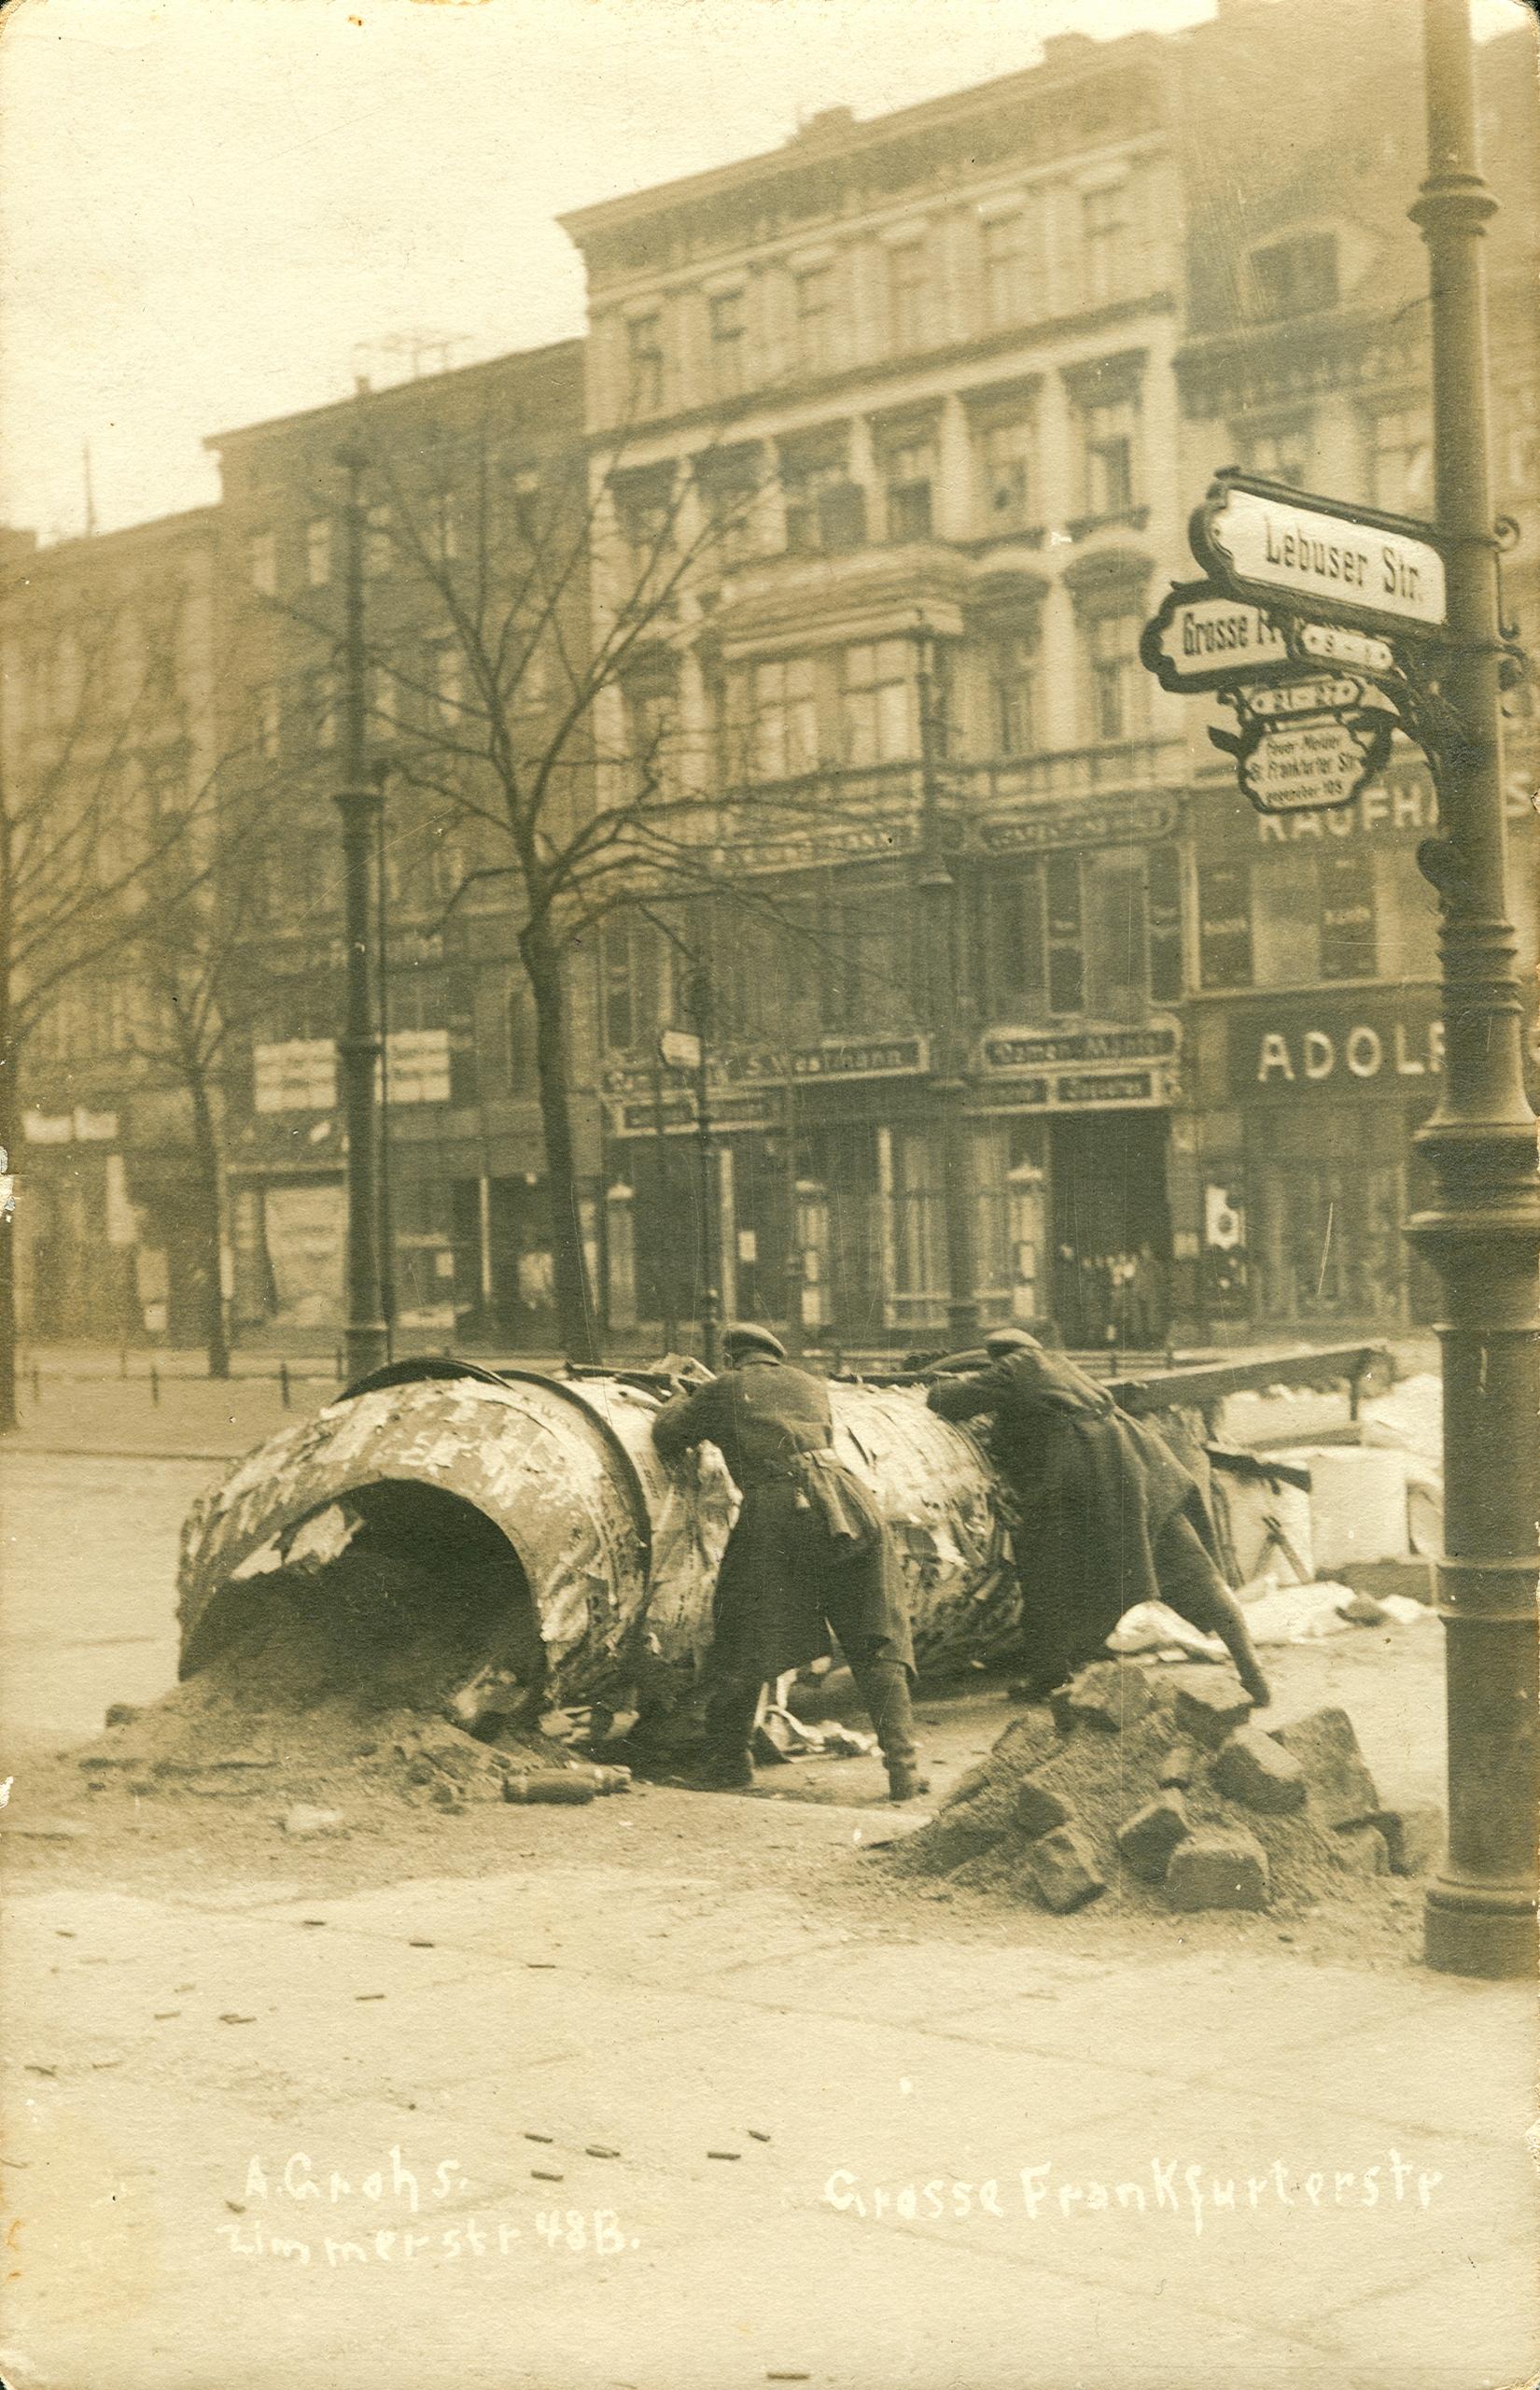 historia Berlín Alemania revolución